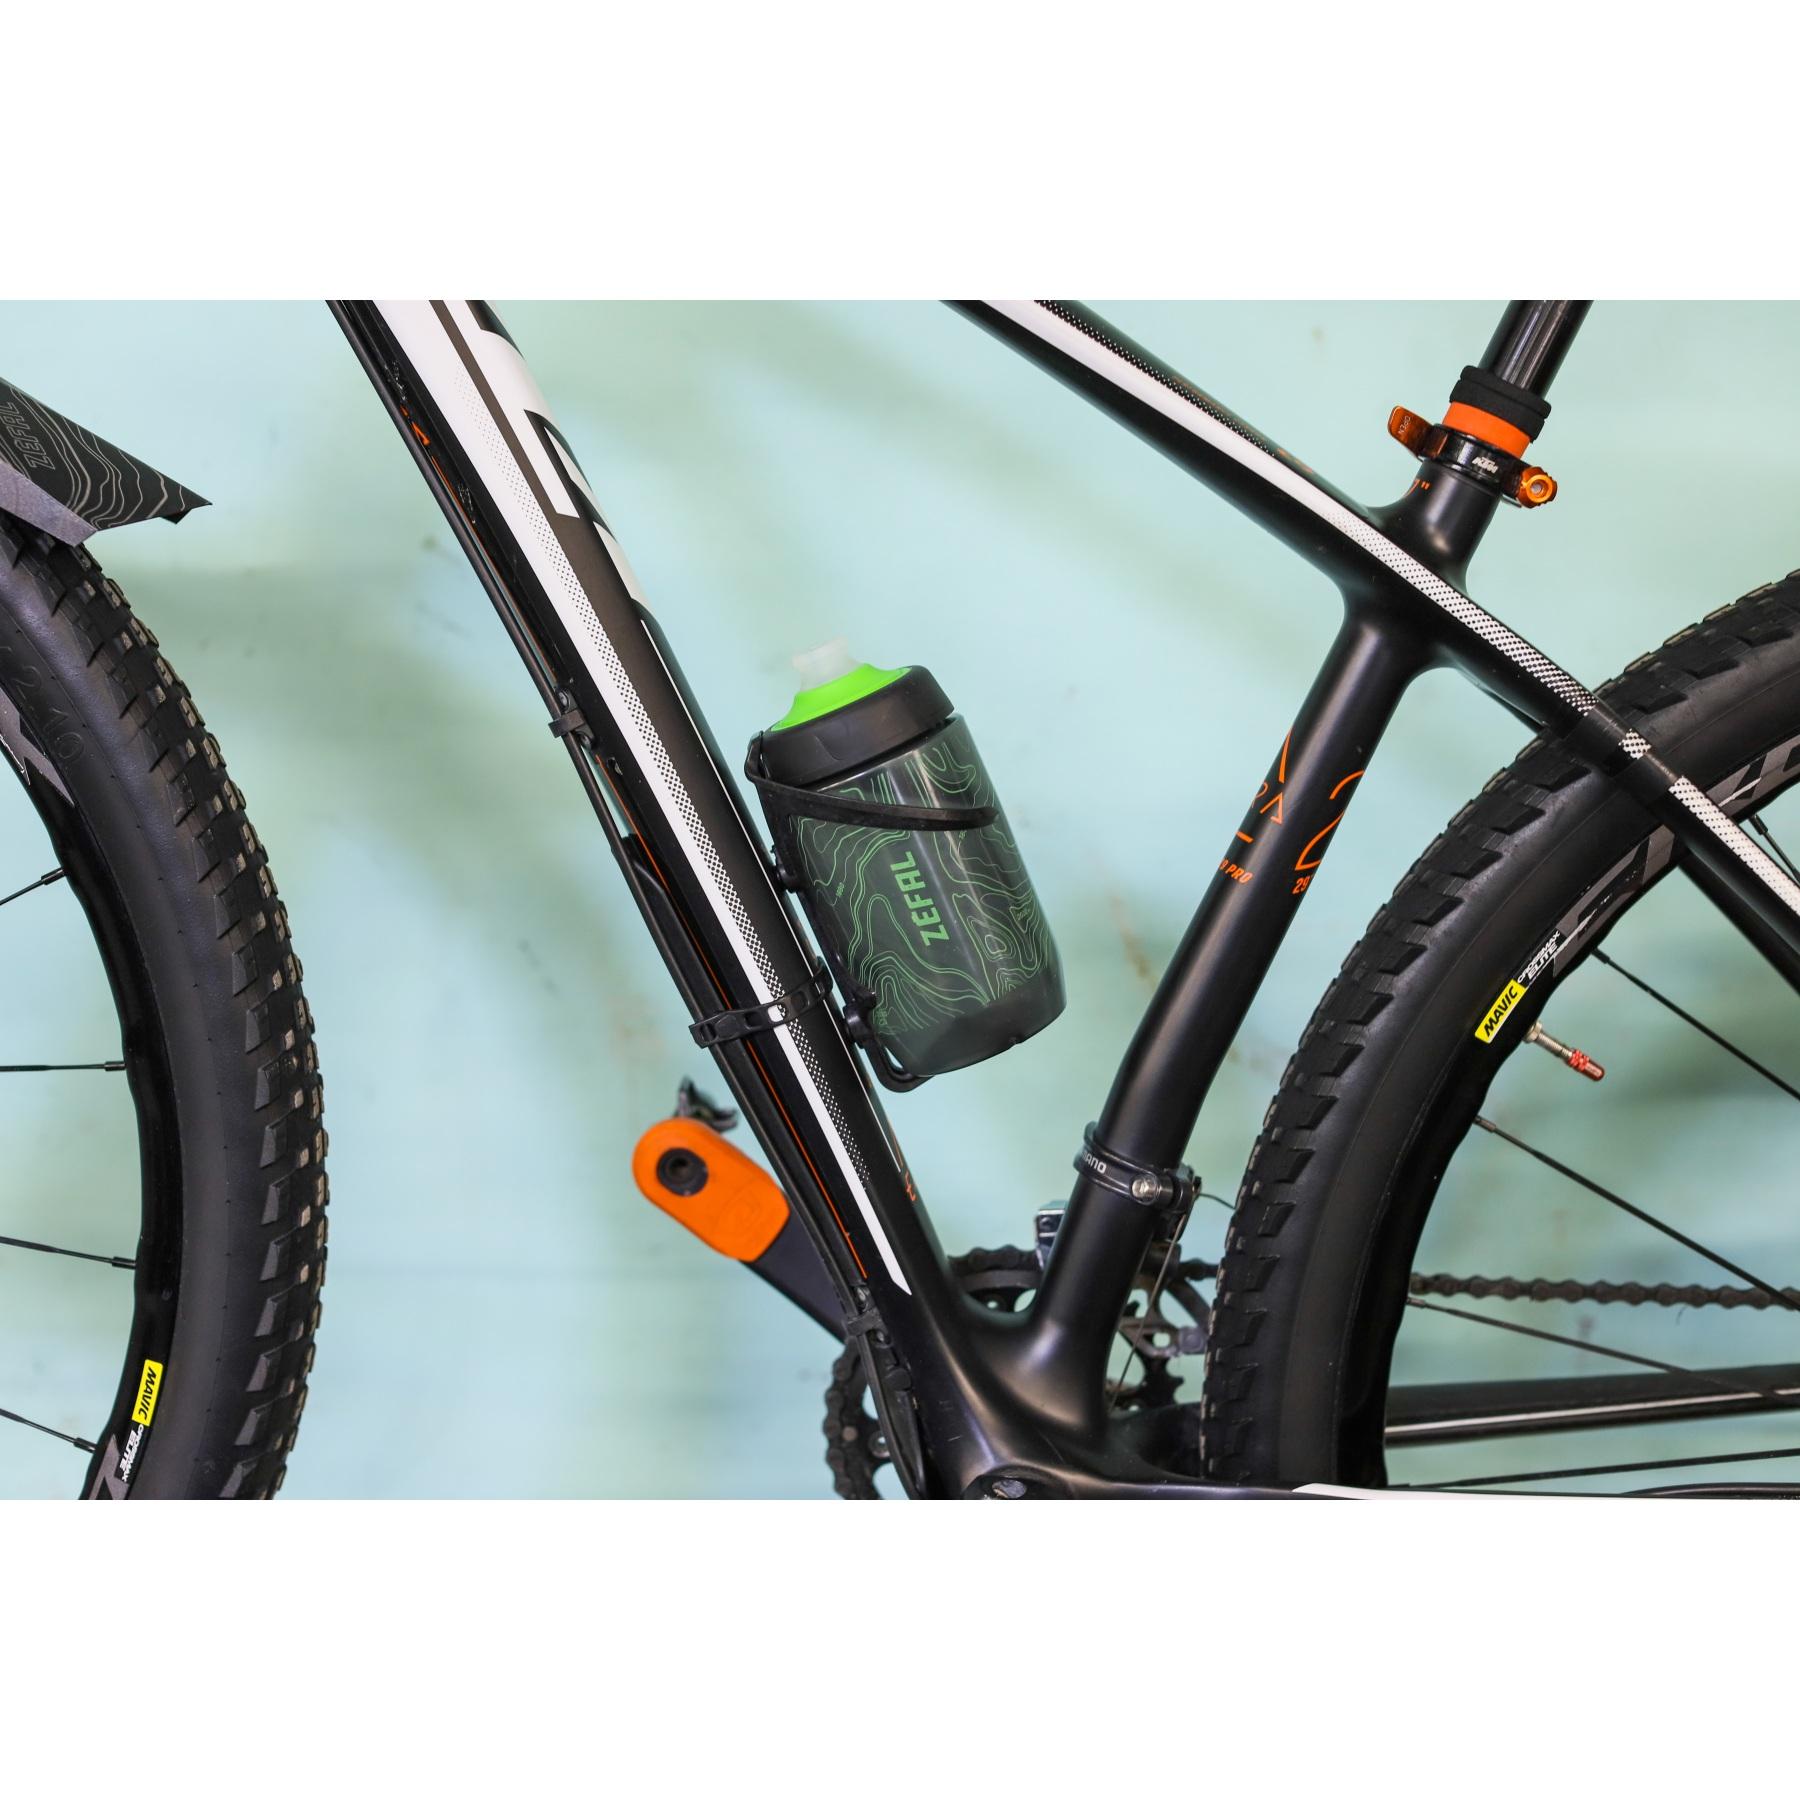 Bild von Zéfal Sense Pro50 Trinkflasche 500ml - black green